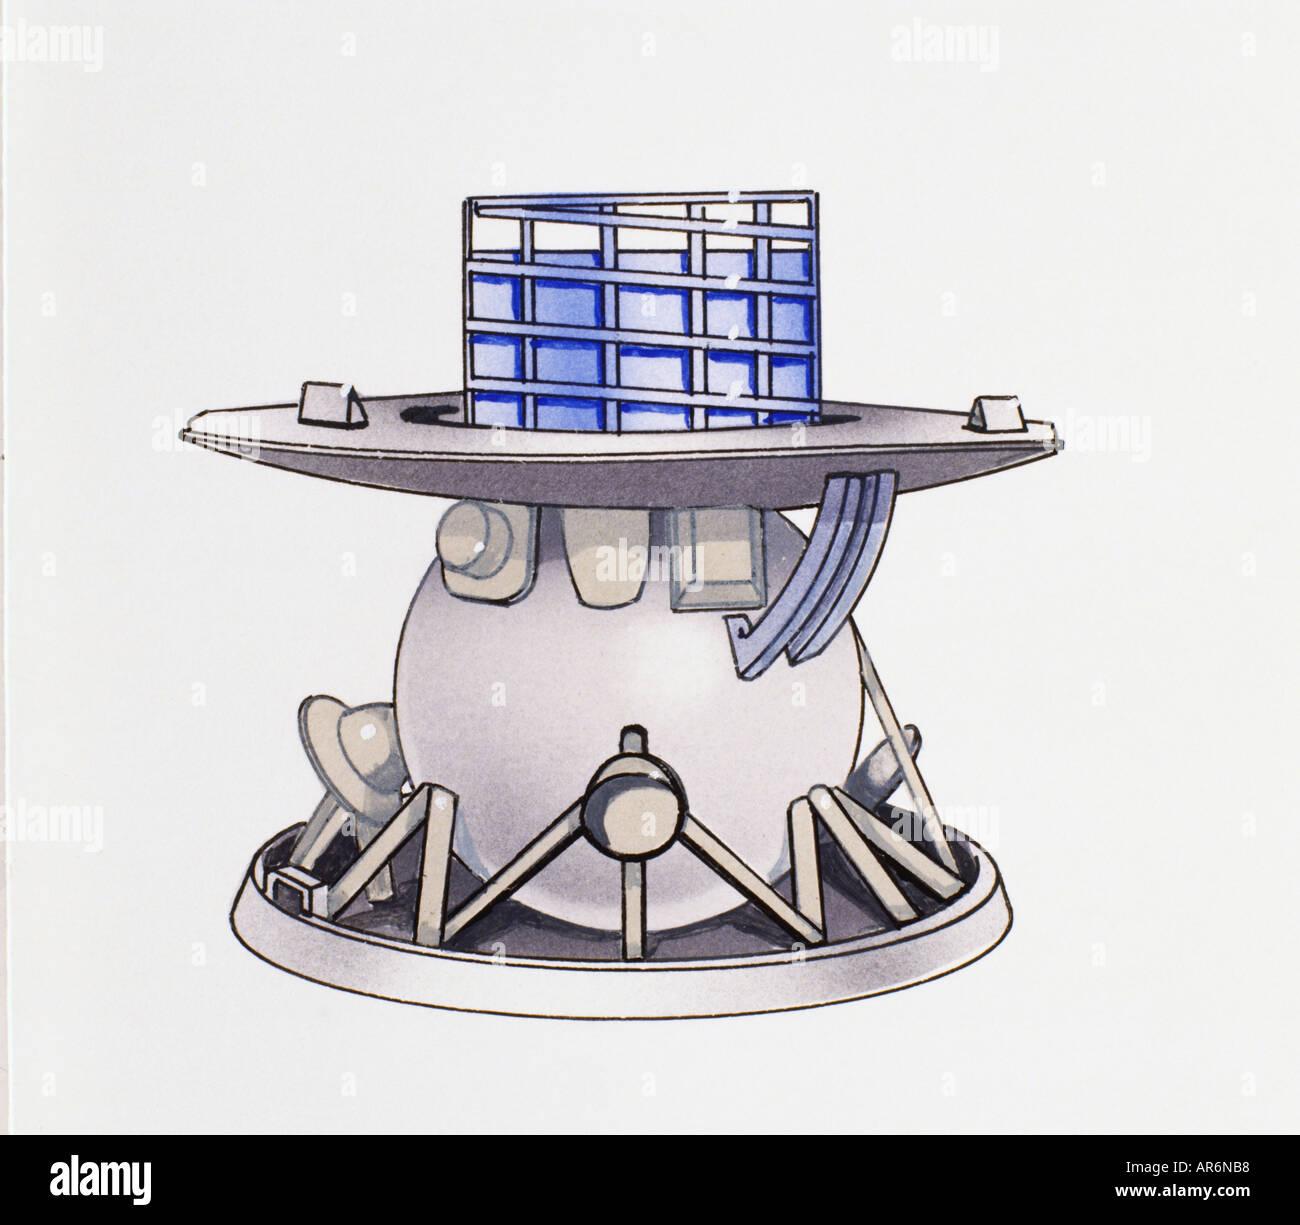 Venera 9 nave espacial utilizada para explorar Venus en 1975, paneles de vidrio en la parte superior, gran platillo-como la falda y parte inferior. Imagen De Stock